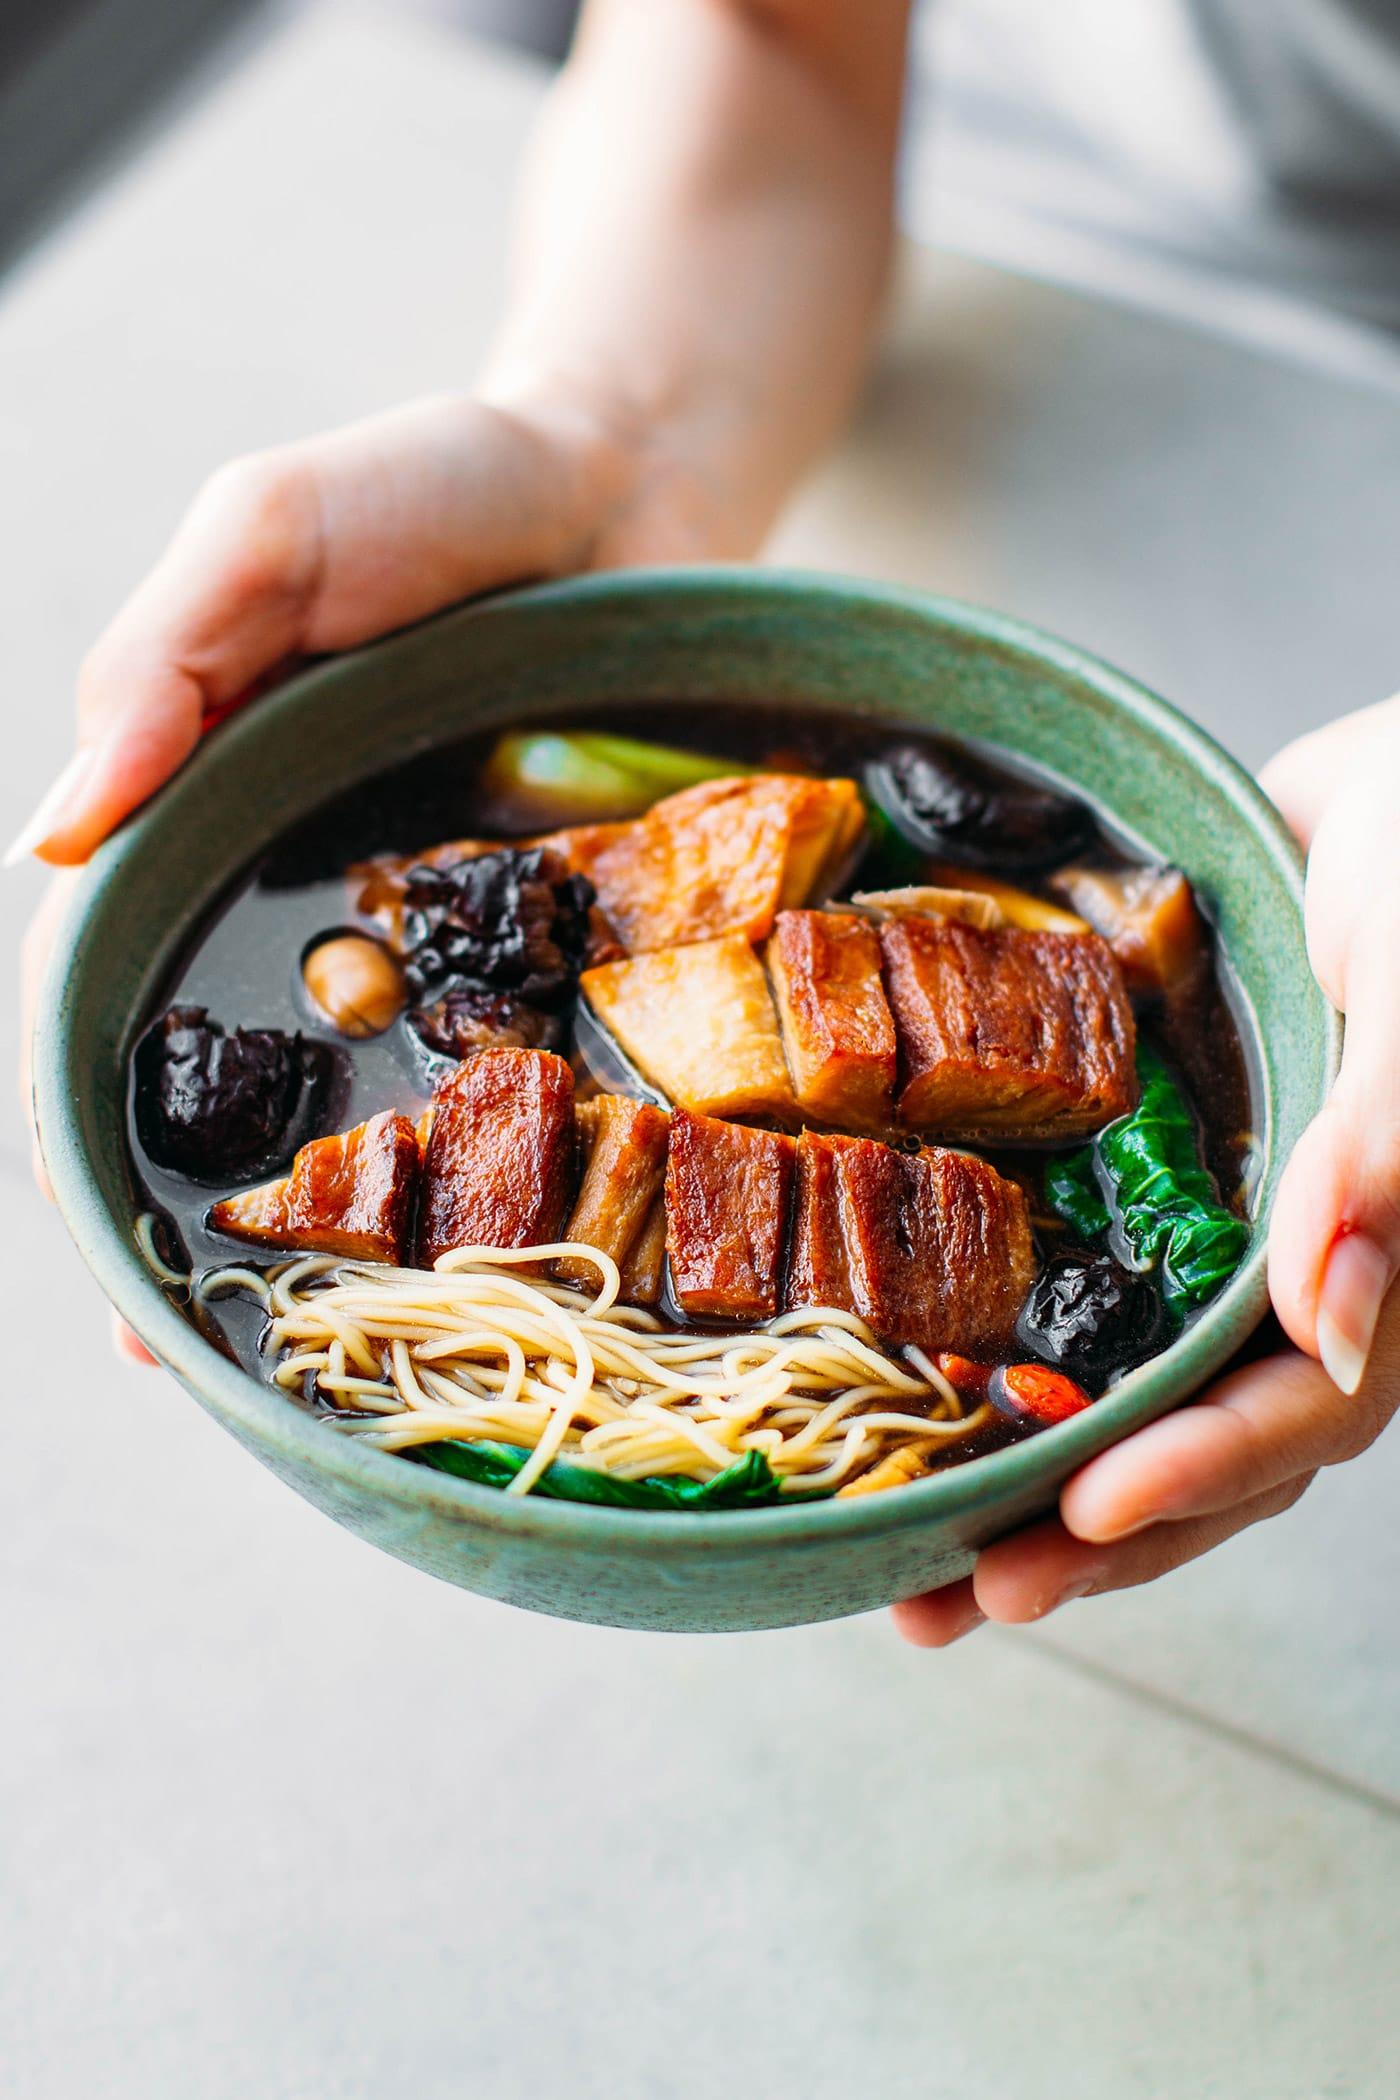 A Guide to Eating Vegan in Viet Nam - Mì Vịt Tiềm